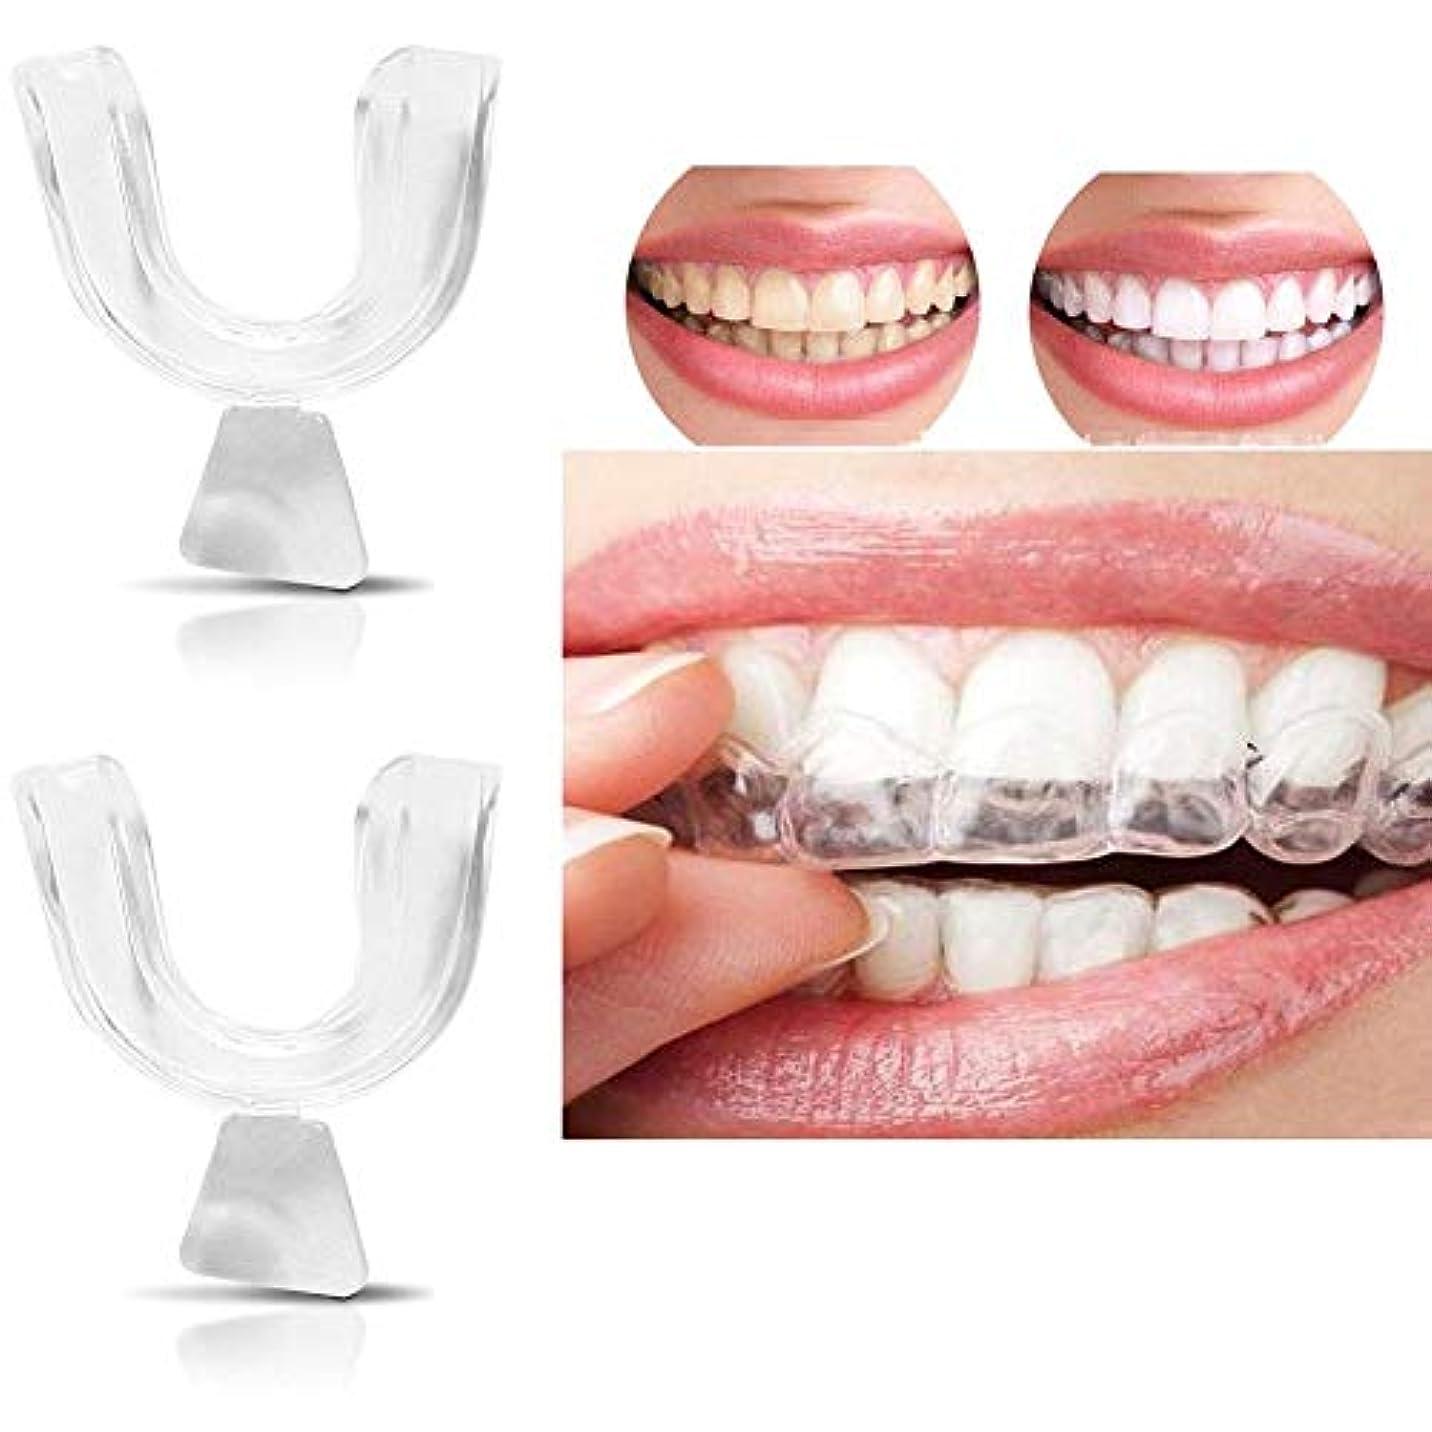 唯一土モルヒネ2ピース歯ホワイトニングトレイ成形可能な透明シリコーン熱成形歯科用マウスガードホワイトナーマウスケア